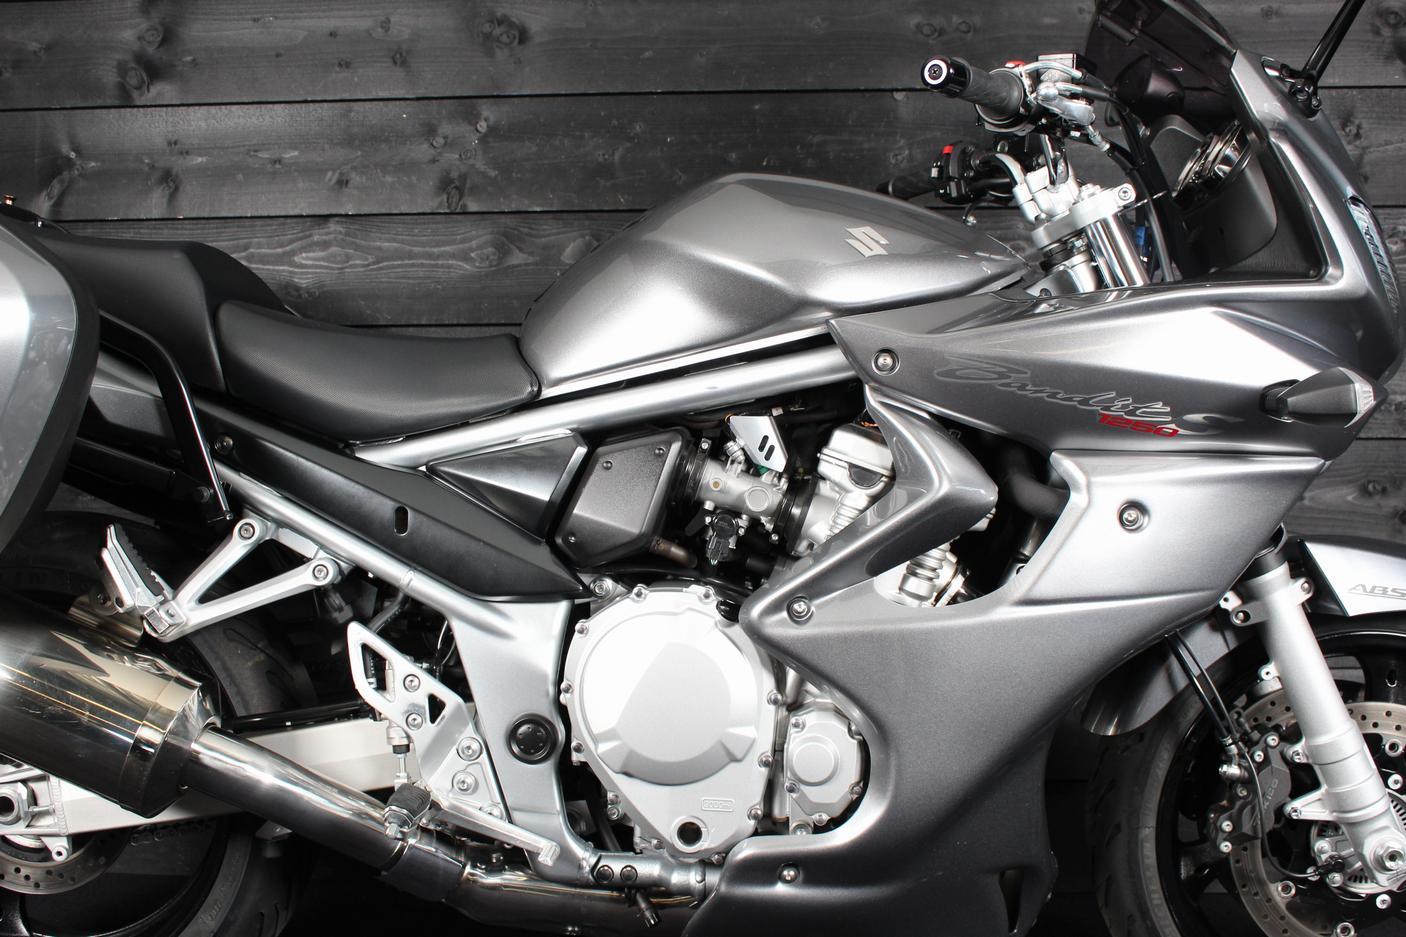 SUZUKI - GSF 1250 S Bandit ABS